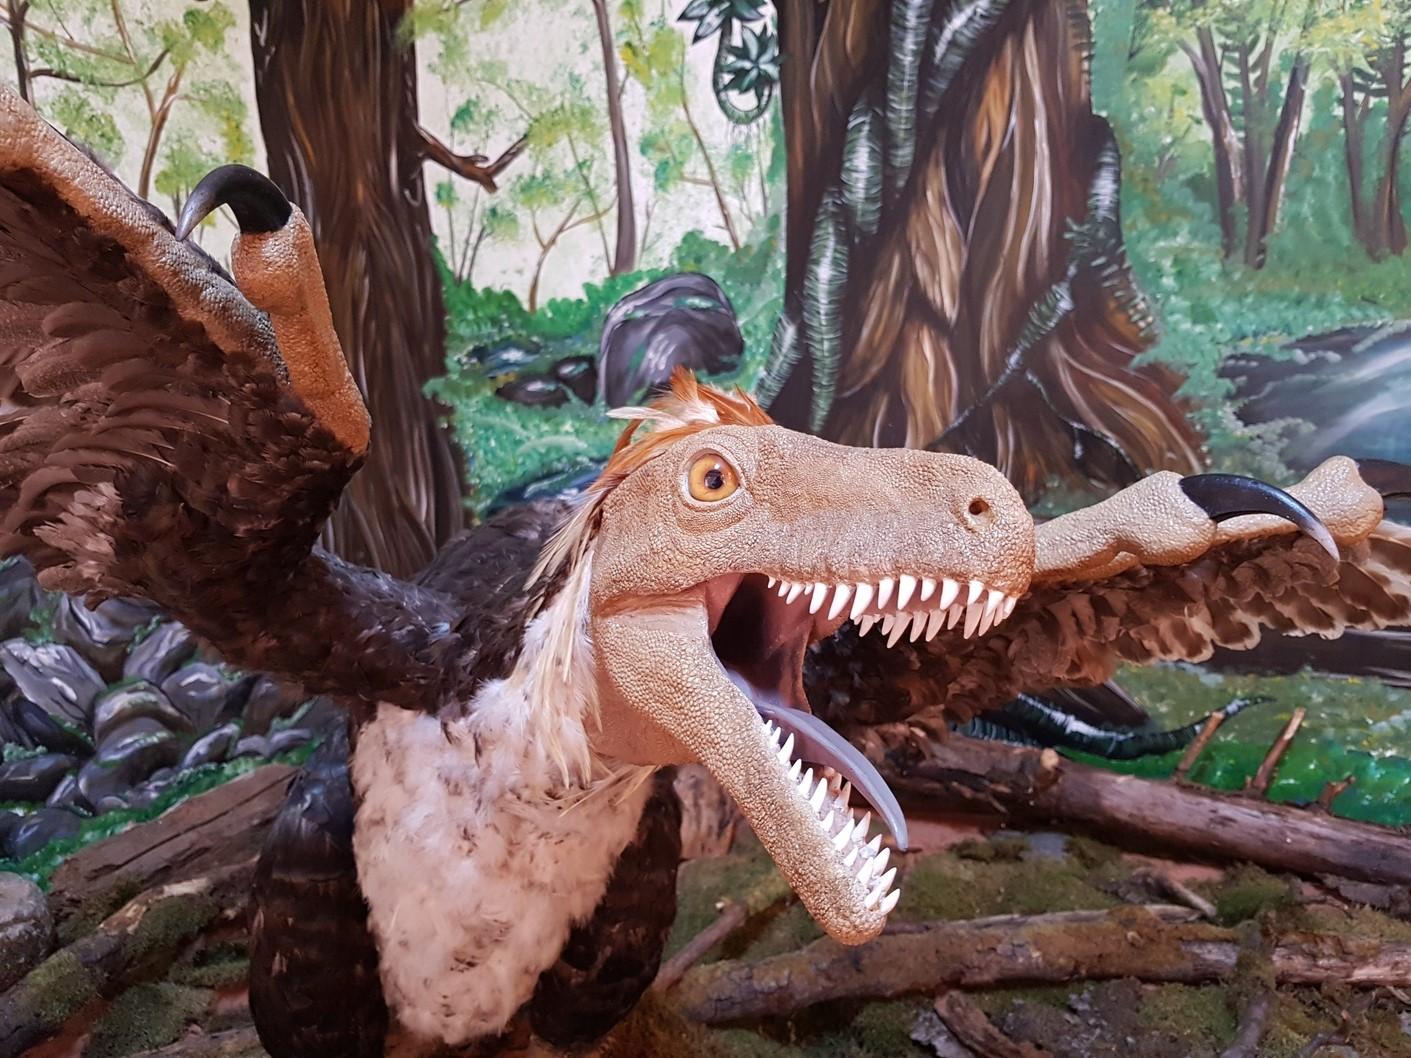 Geoparcul Dinozaurilor, vizitat de doi evaluatori UNESCO